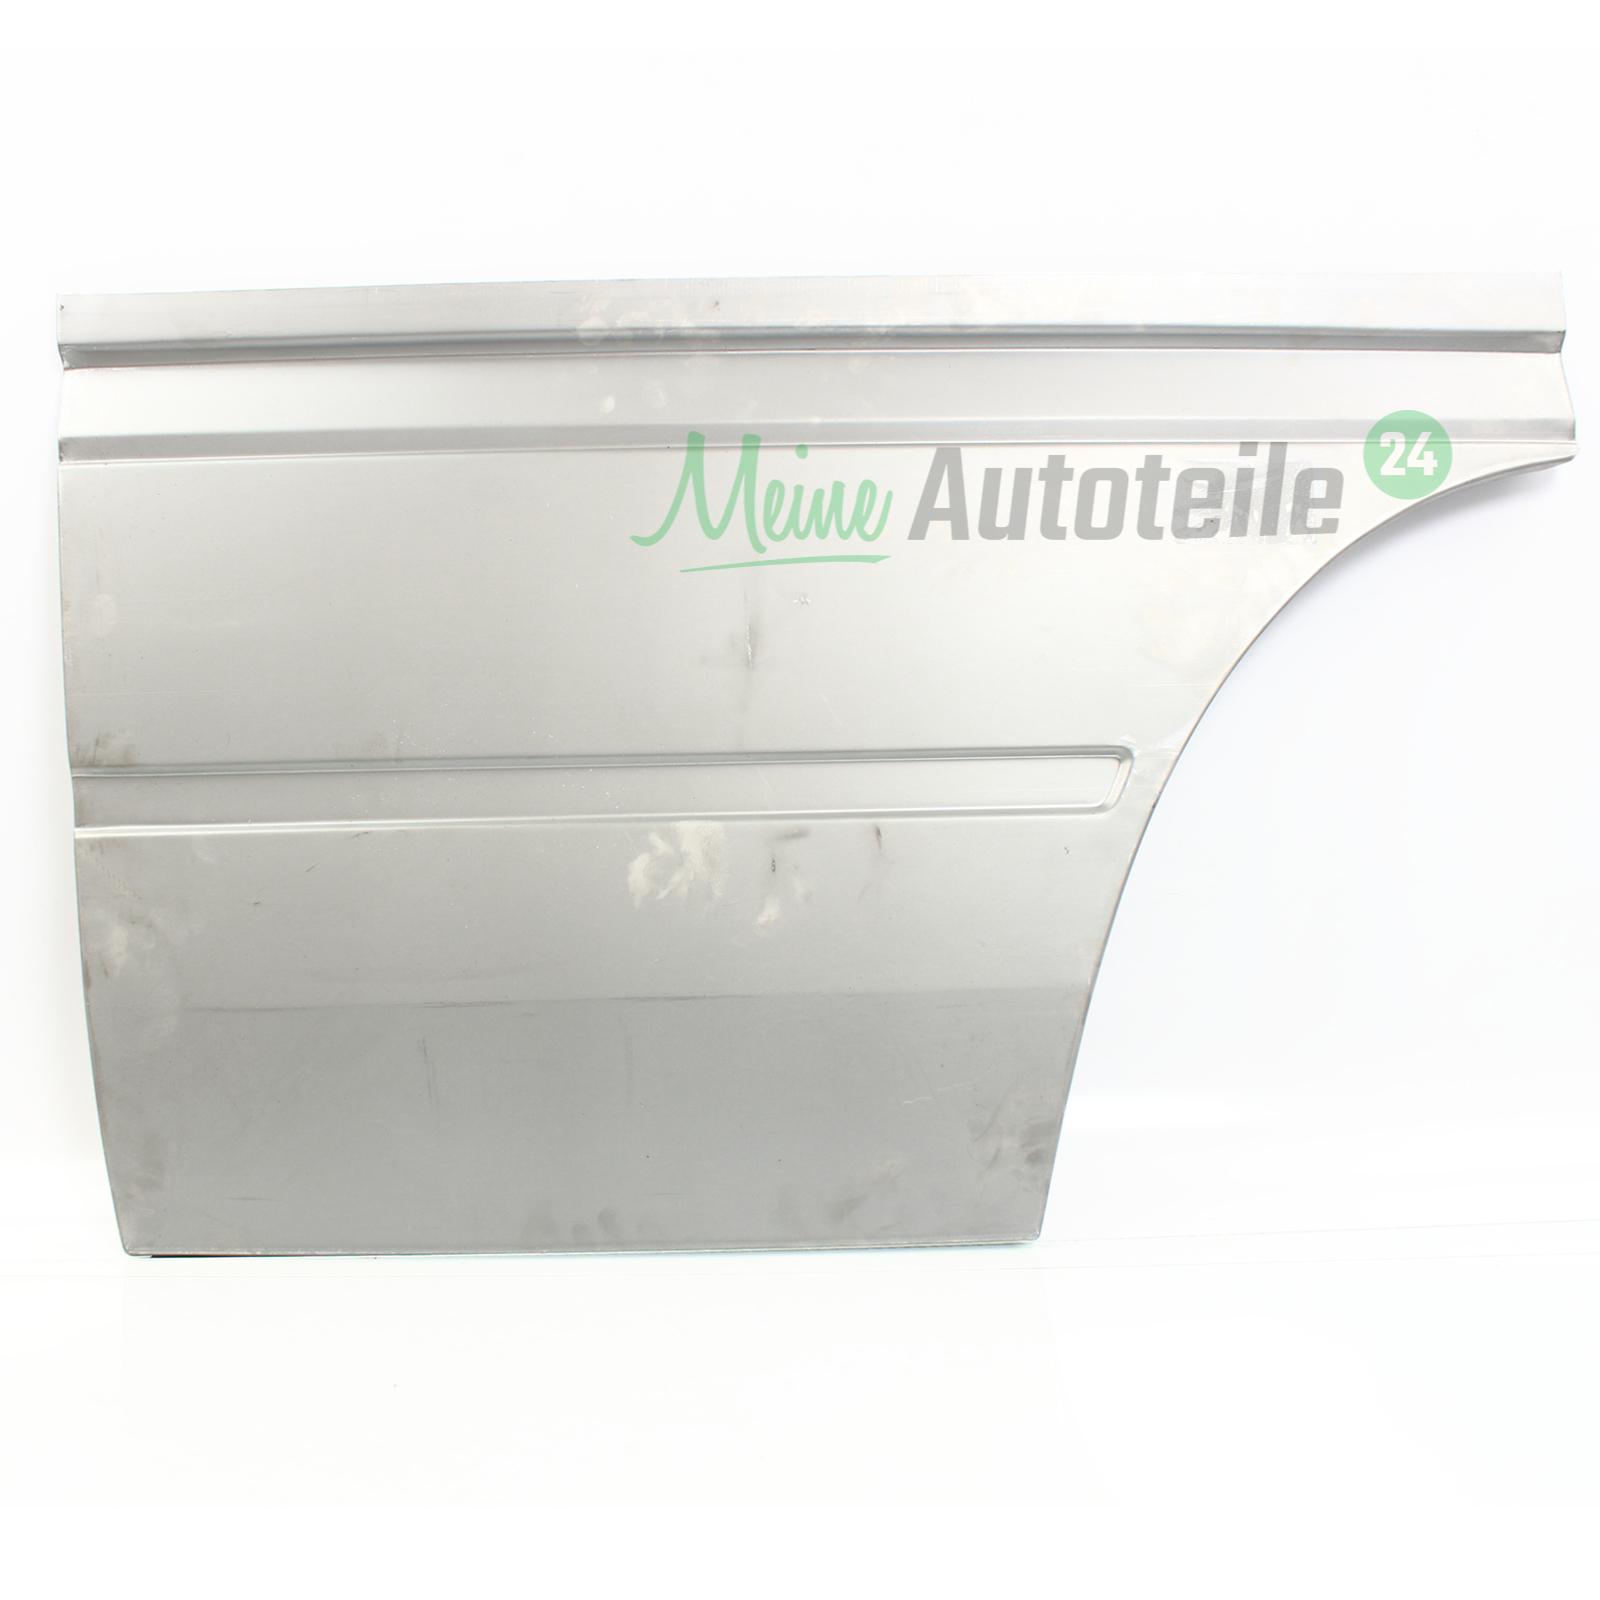 4x Reparaturblech Tür Vorne Links und Rechts Mercedes Sprinter VW LY 1995-2006